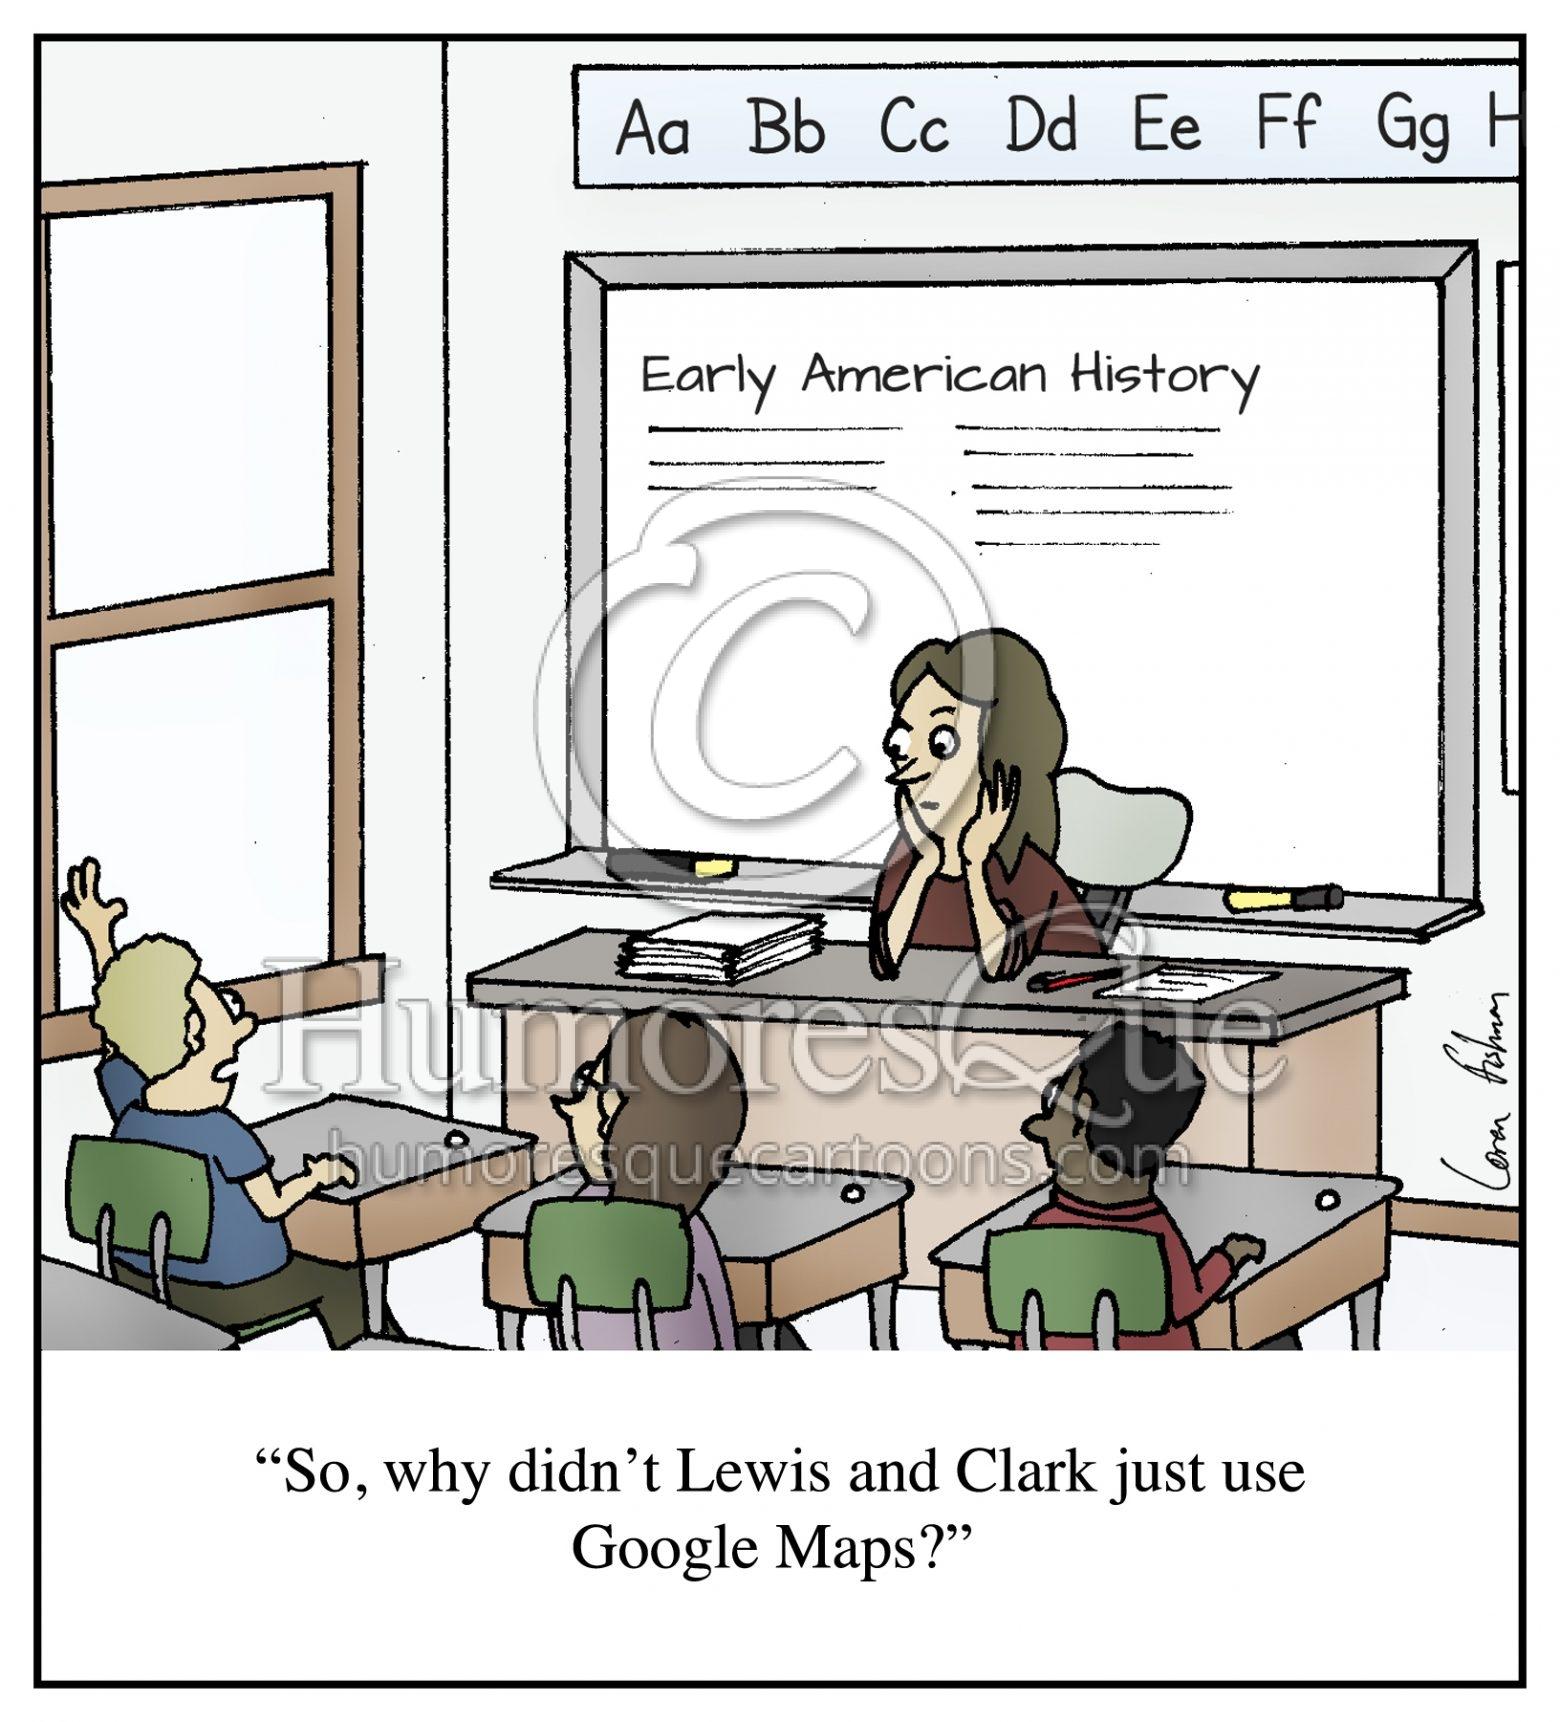 Lewis and Clark Google Maps Education Teacher Cartoon